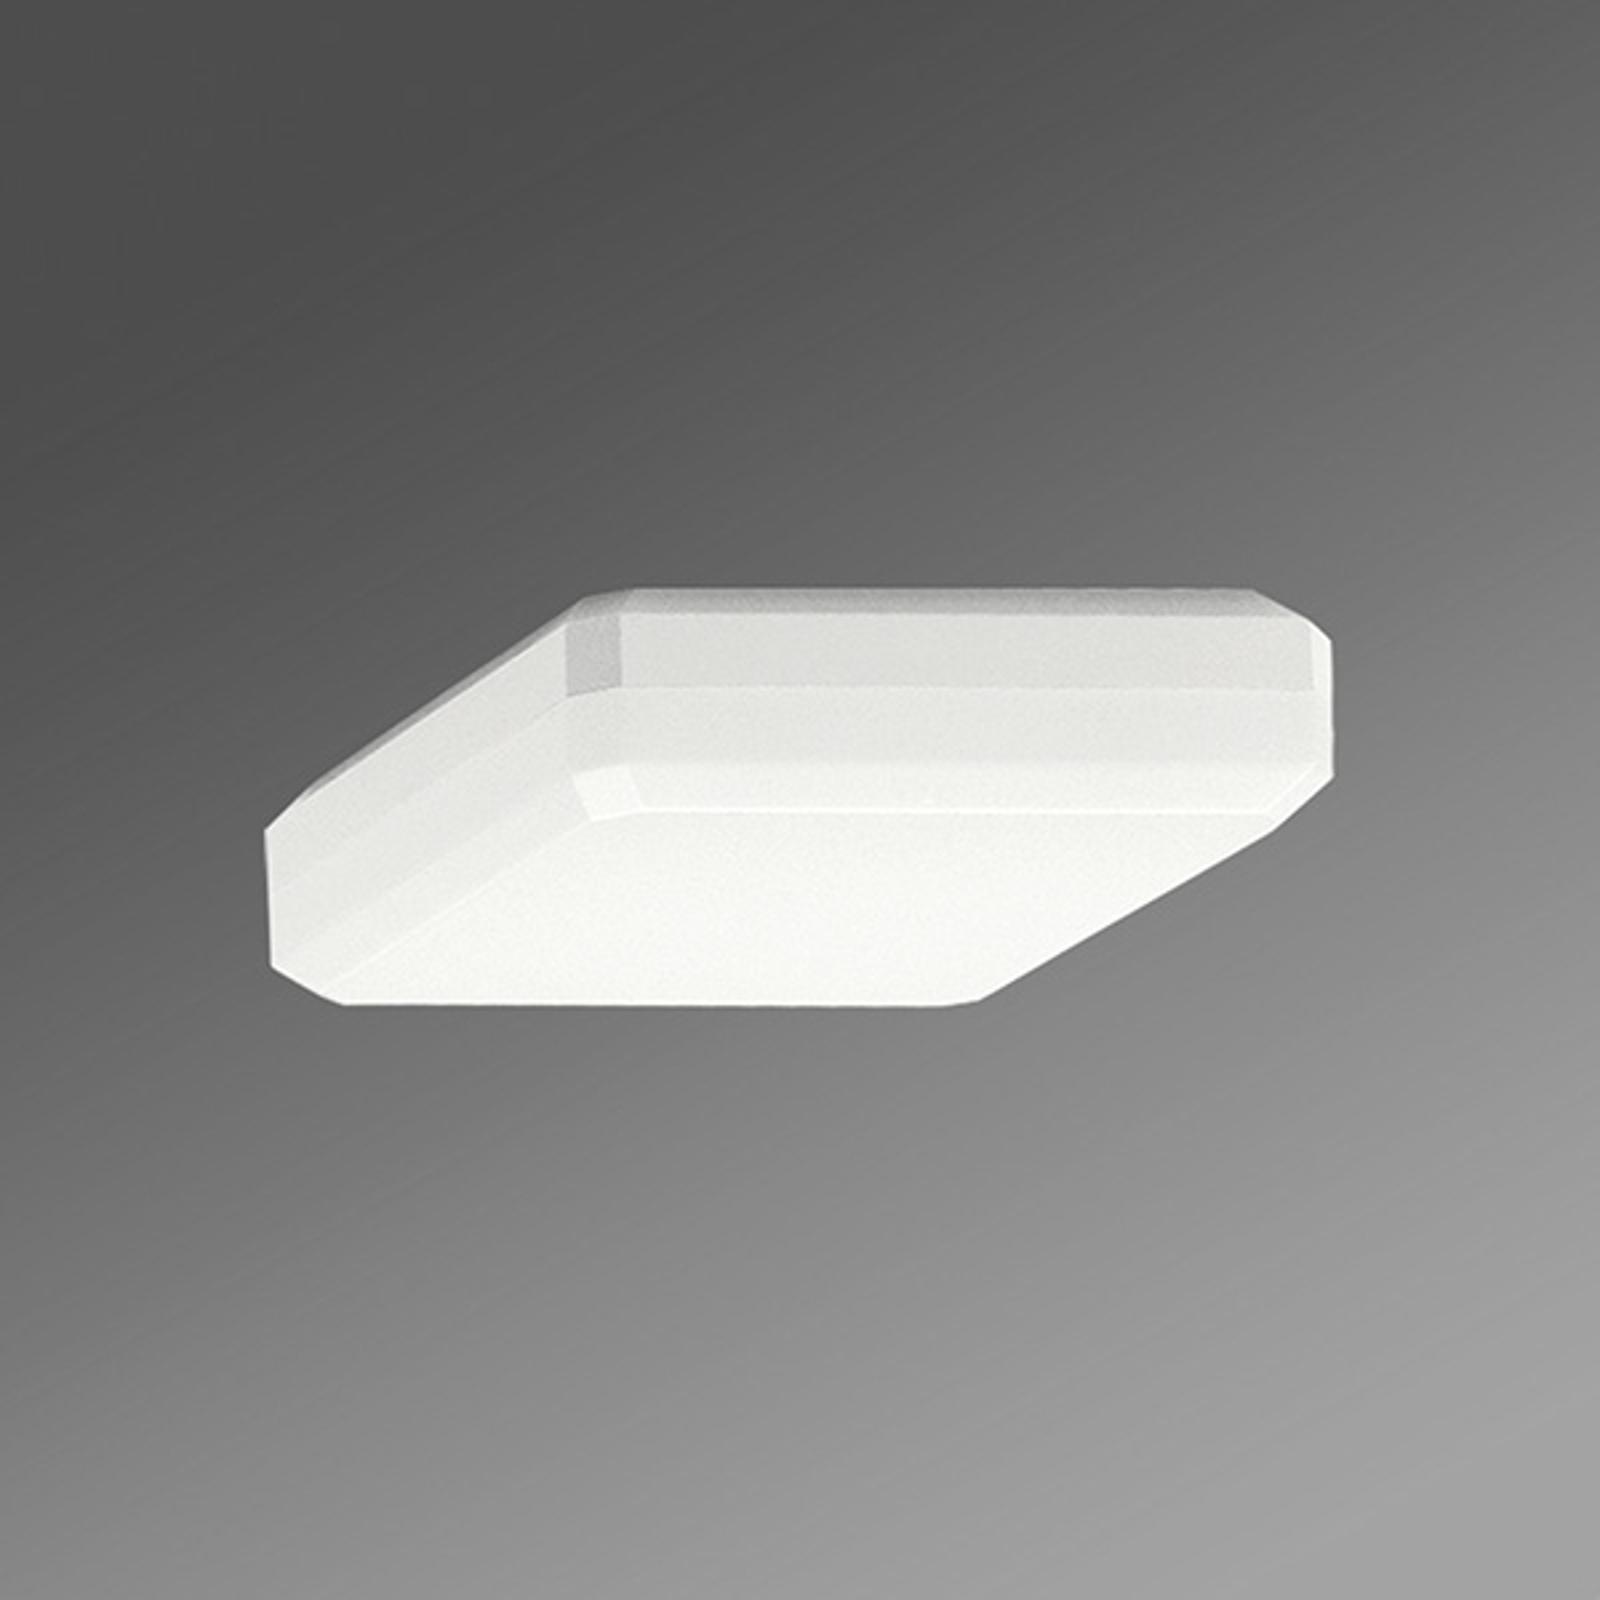 Lampa sufitowa LED WQL opalowy ciepła biel